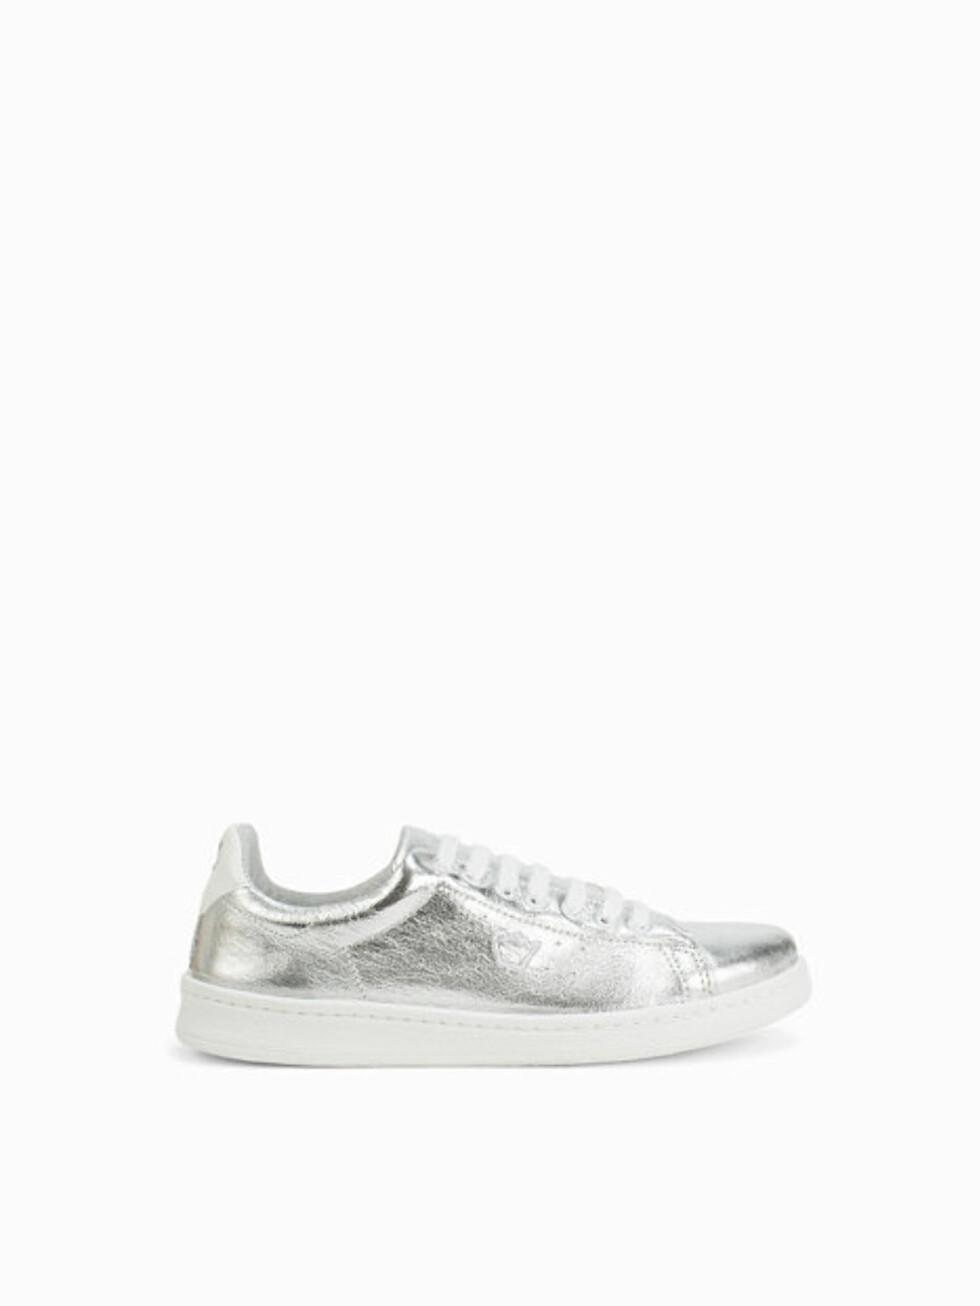 Sneakers fra Svea via Nelly.com | kr 949 |  http://my.nelly.com/link/click/15108